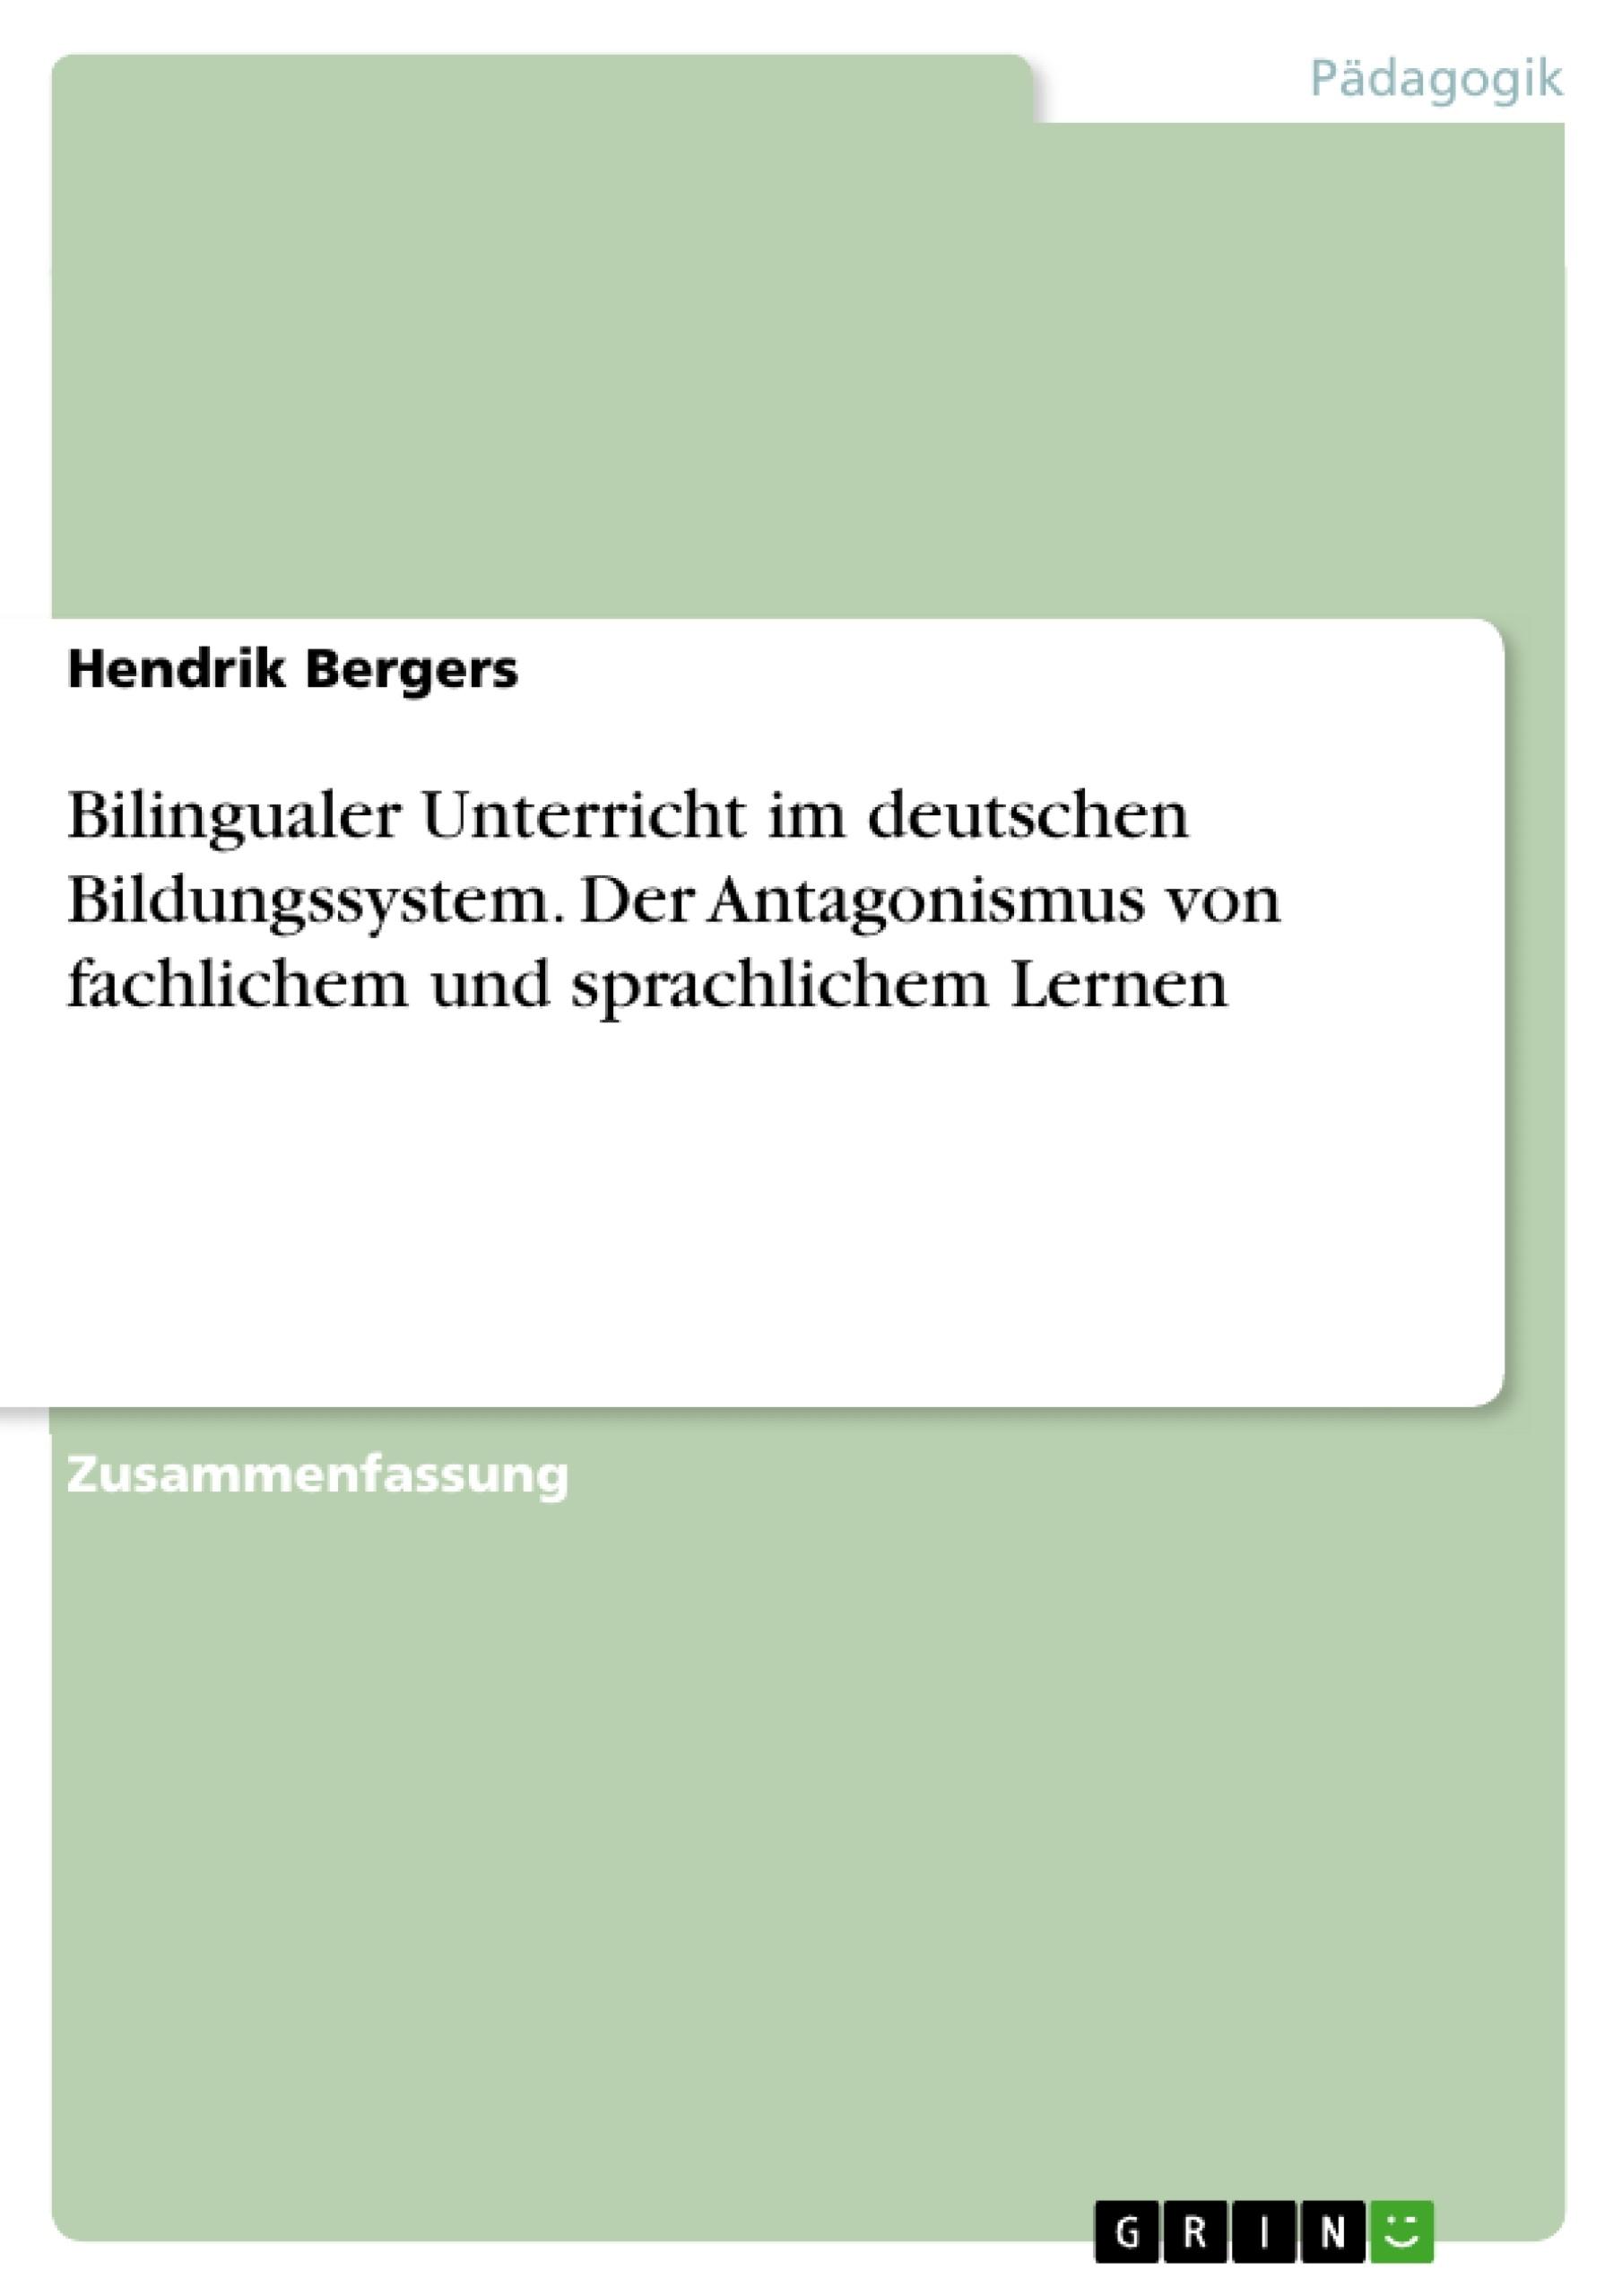 Titel: Bilingualer Unterricht im deutschen Bildungssystem. Der Antagonismus von fachlichem und sprachlichem Lernen